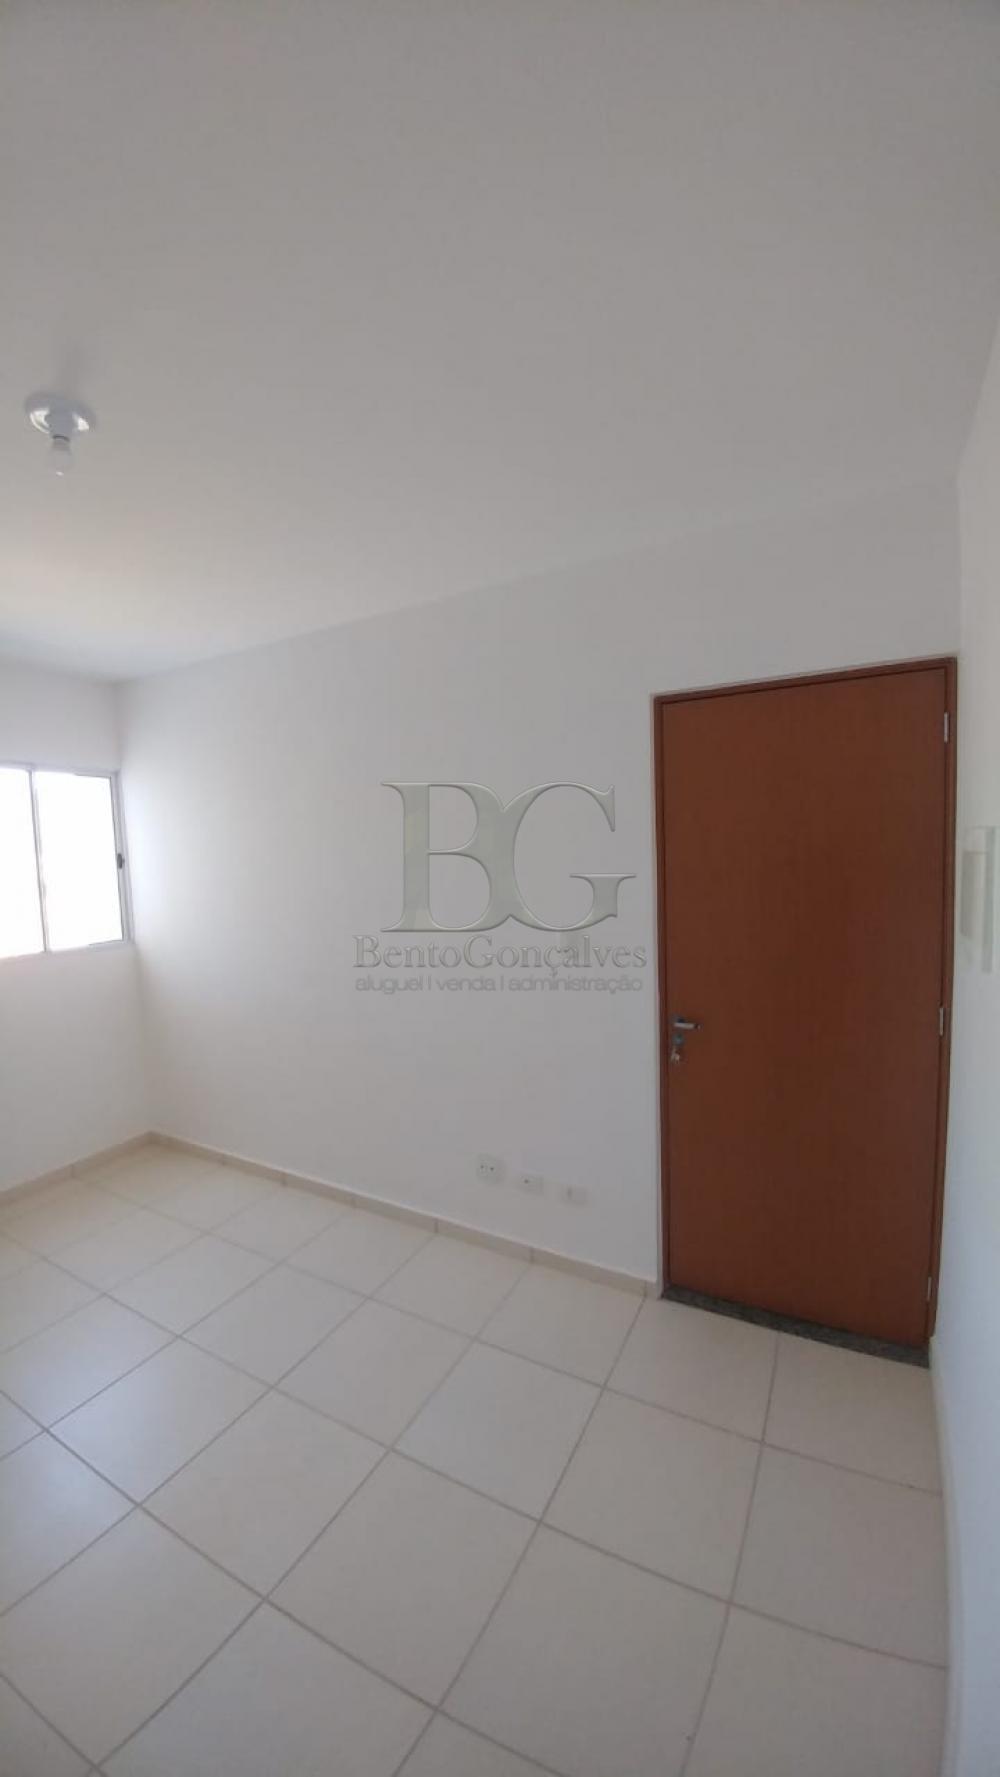 Comprar Apartamentos / Padrão em Poços de Caldas apenas R$ 159.900,00 - Foto 2